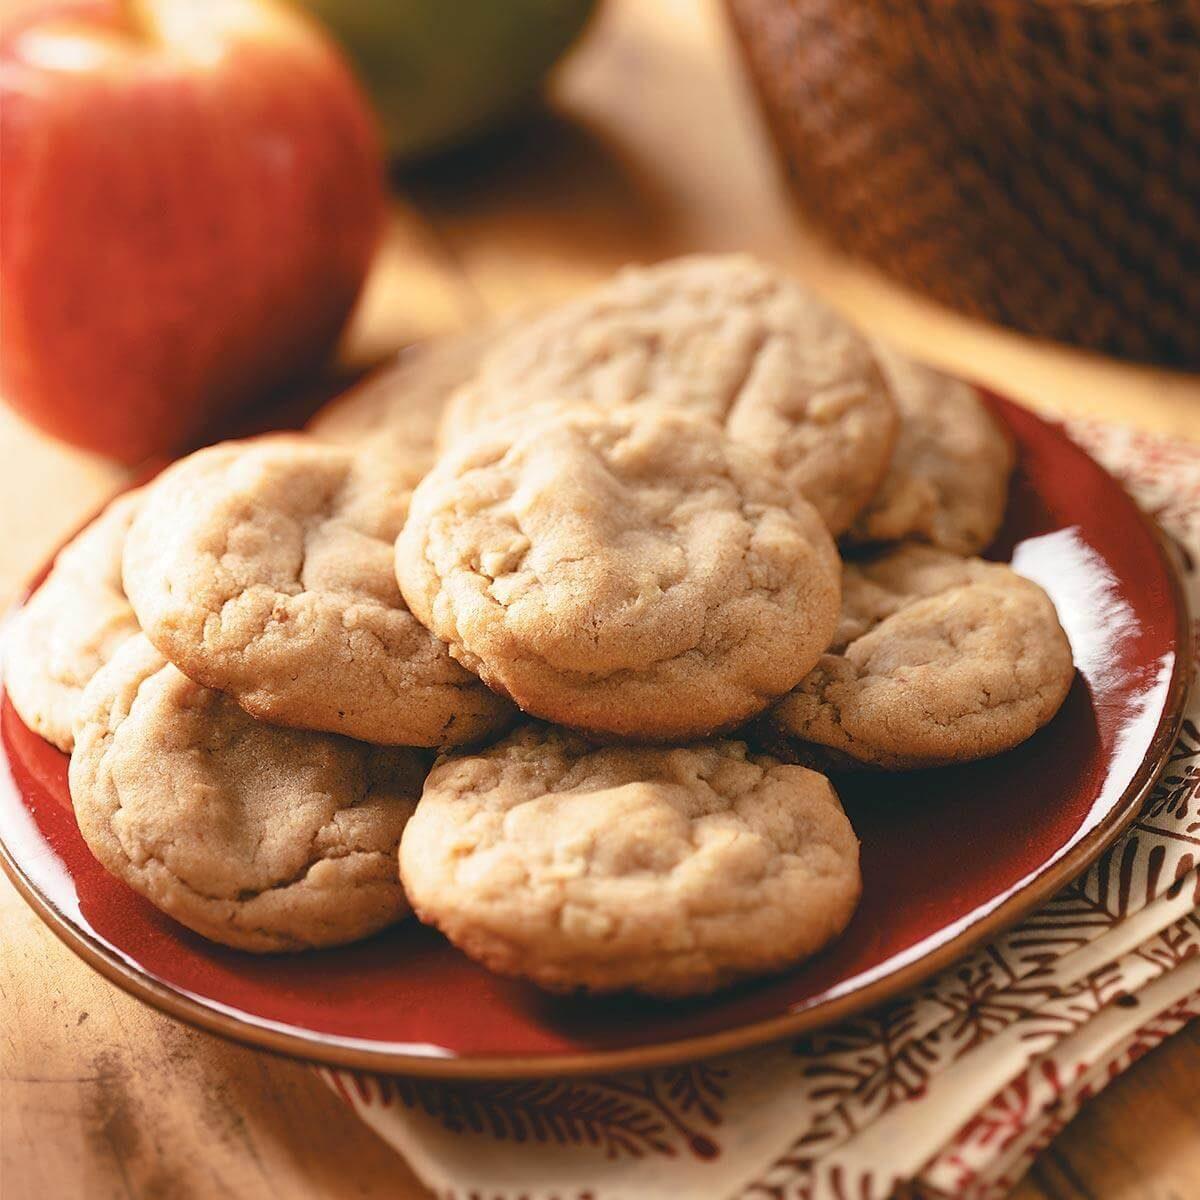 Apple Peanut Butter Cookies Recipe